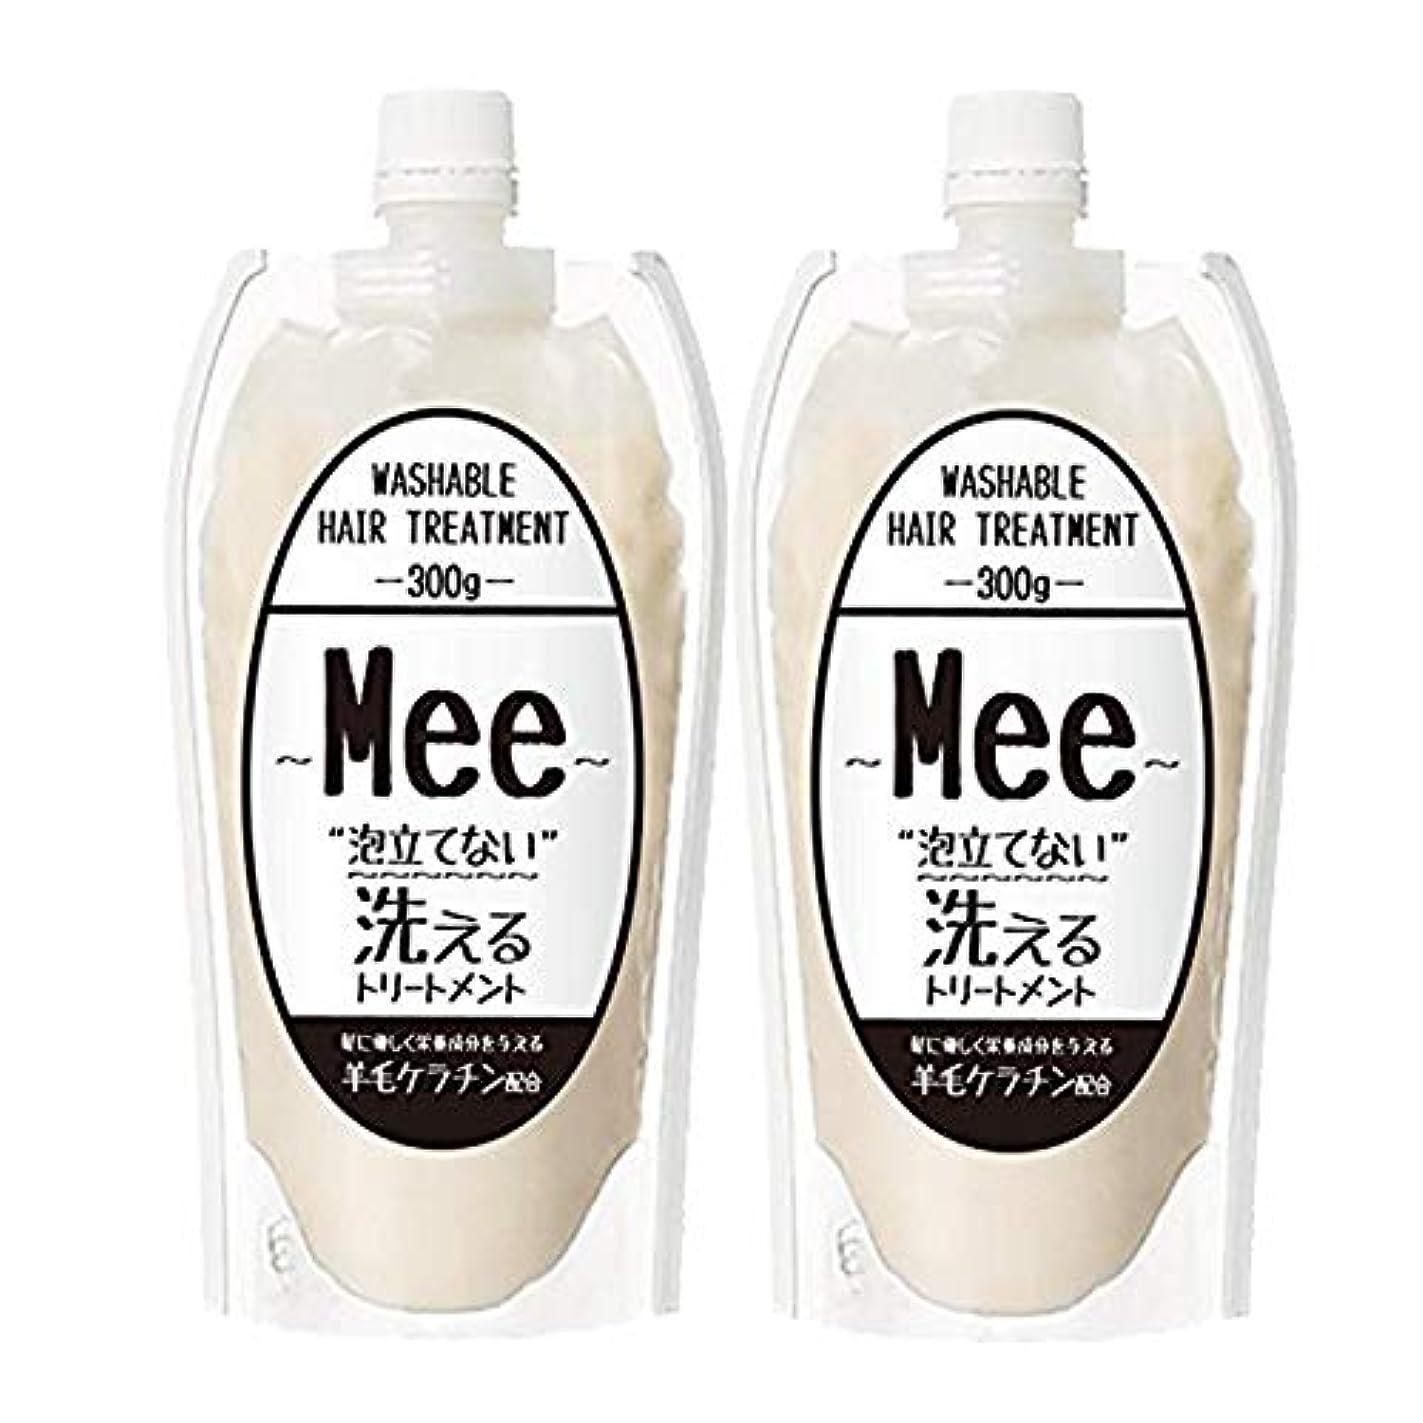 特別な内なるプリーツまとめ買い【2個組】 洗えるトリートメントMEE Mee 300g×2個SET クリームシャンプー 皮脂 乾燥肌 ダメージケア 大容量 時短